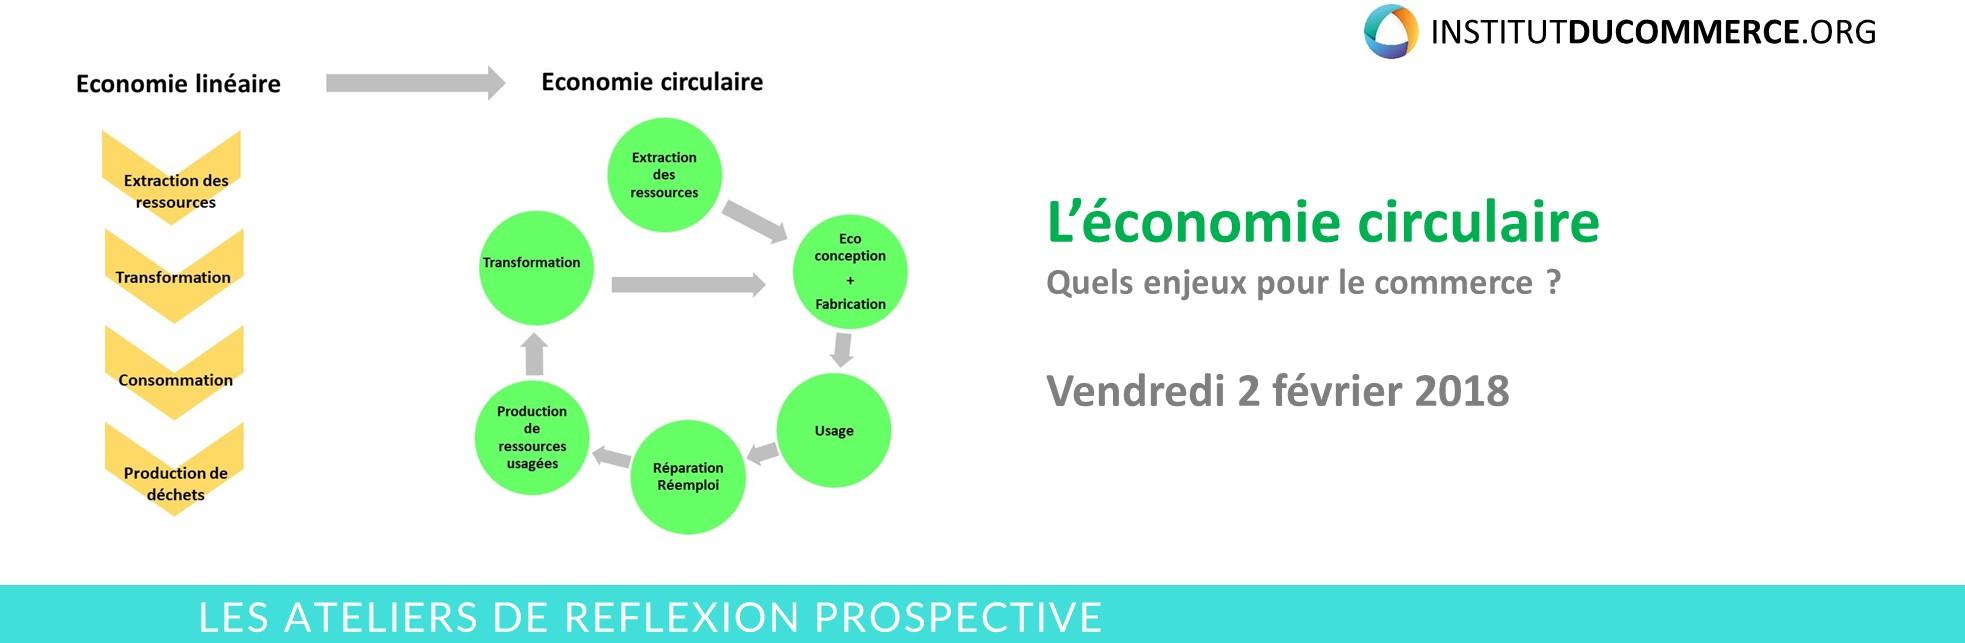 Economie circulaire : quels enjeux pour le commerce?